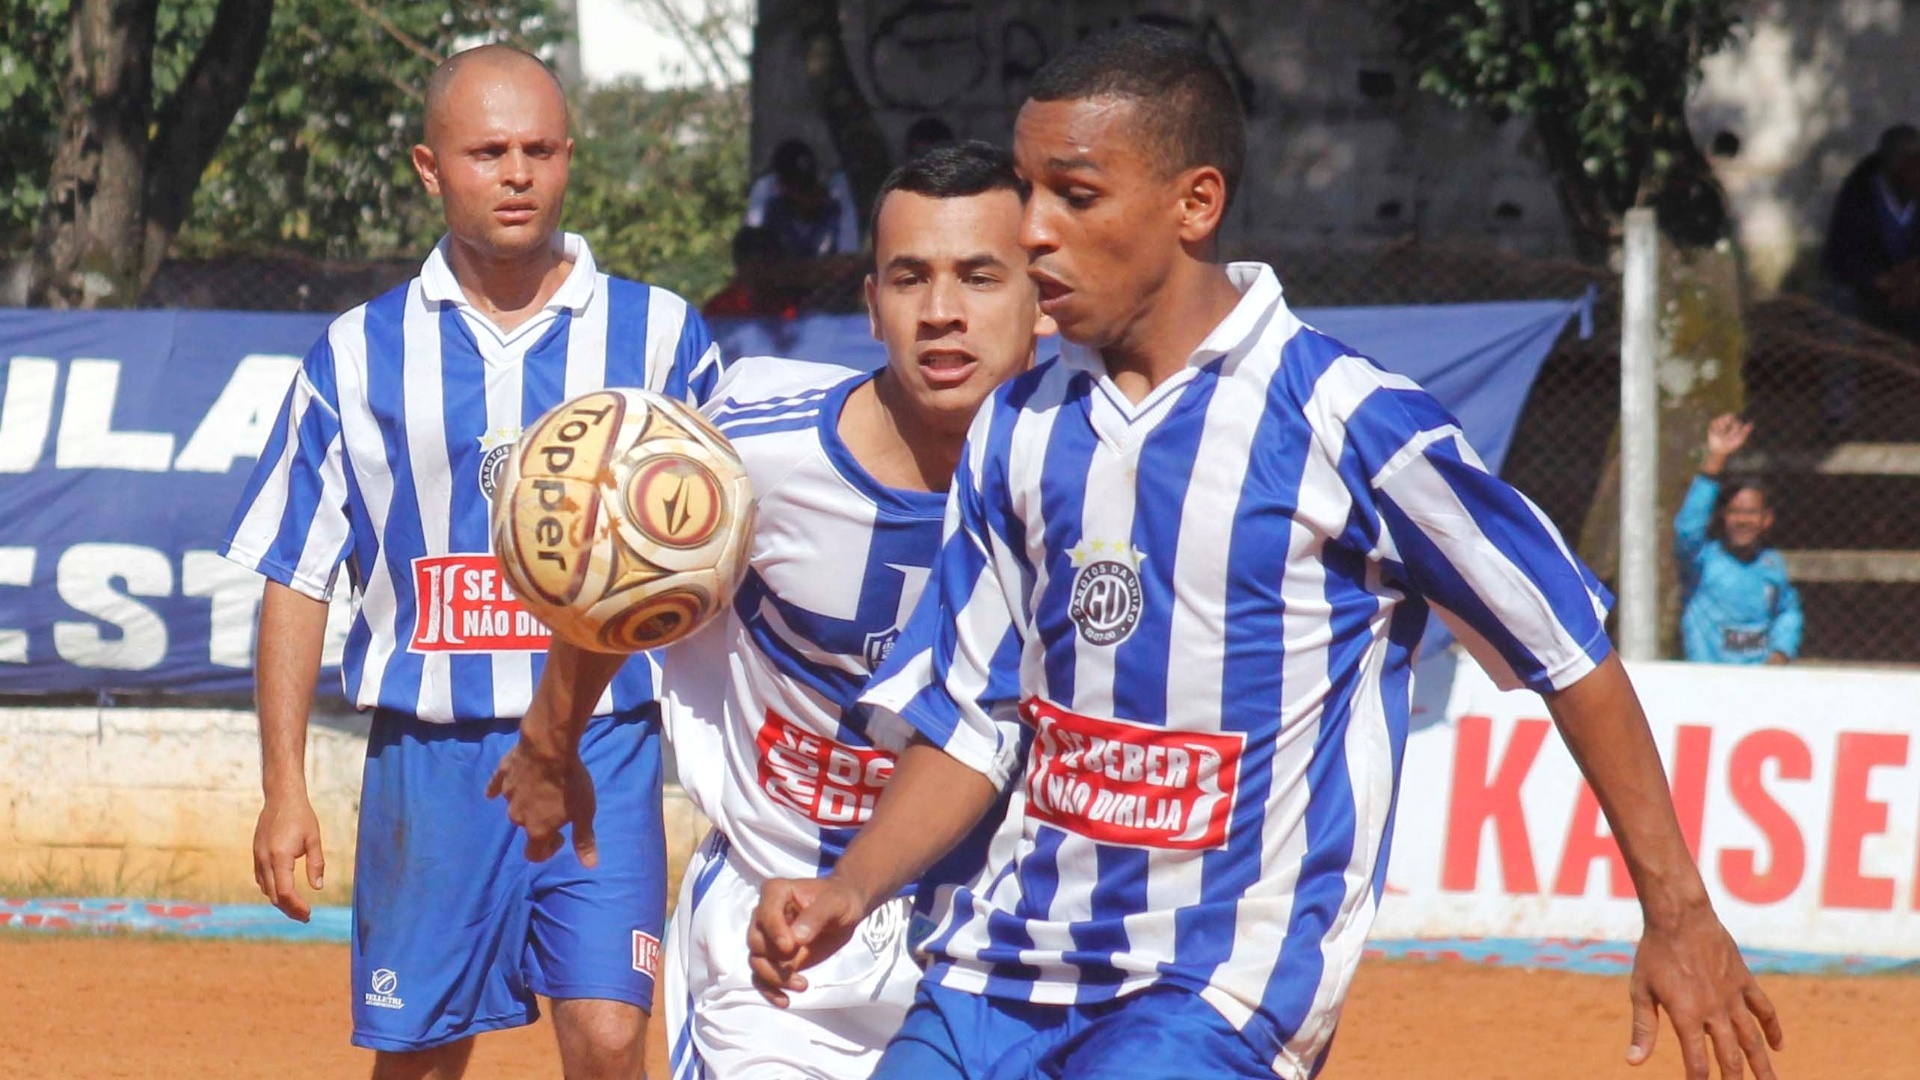 Bom jogo entre Vila Rica (branco) e Unidos Heliopolis (azul e branco)